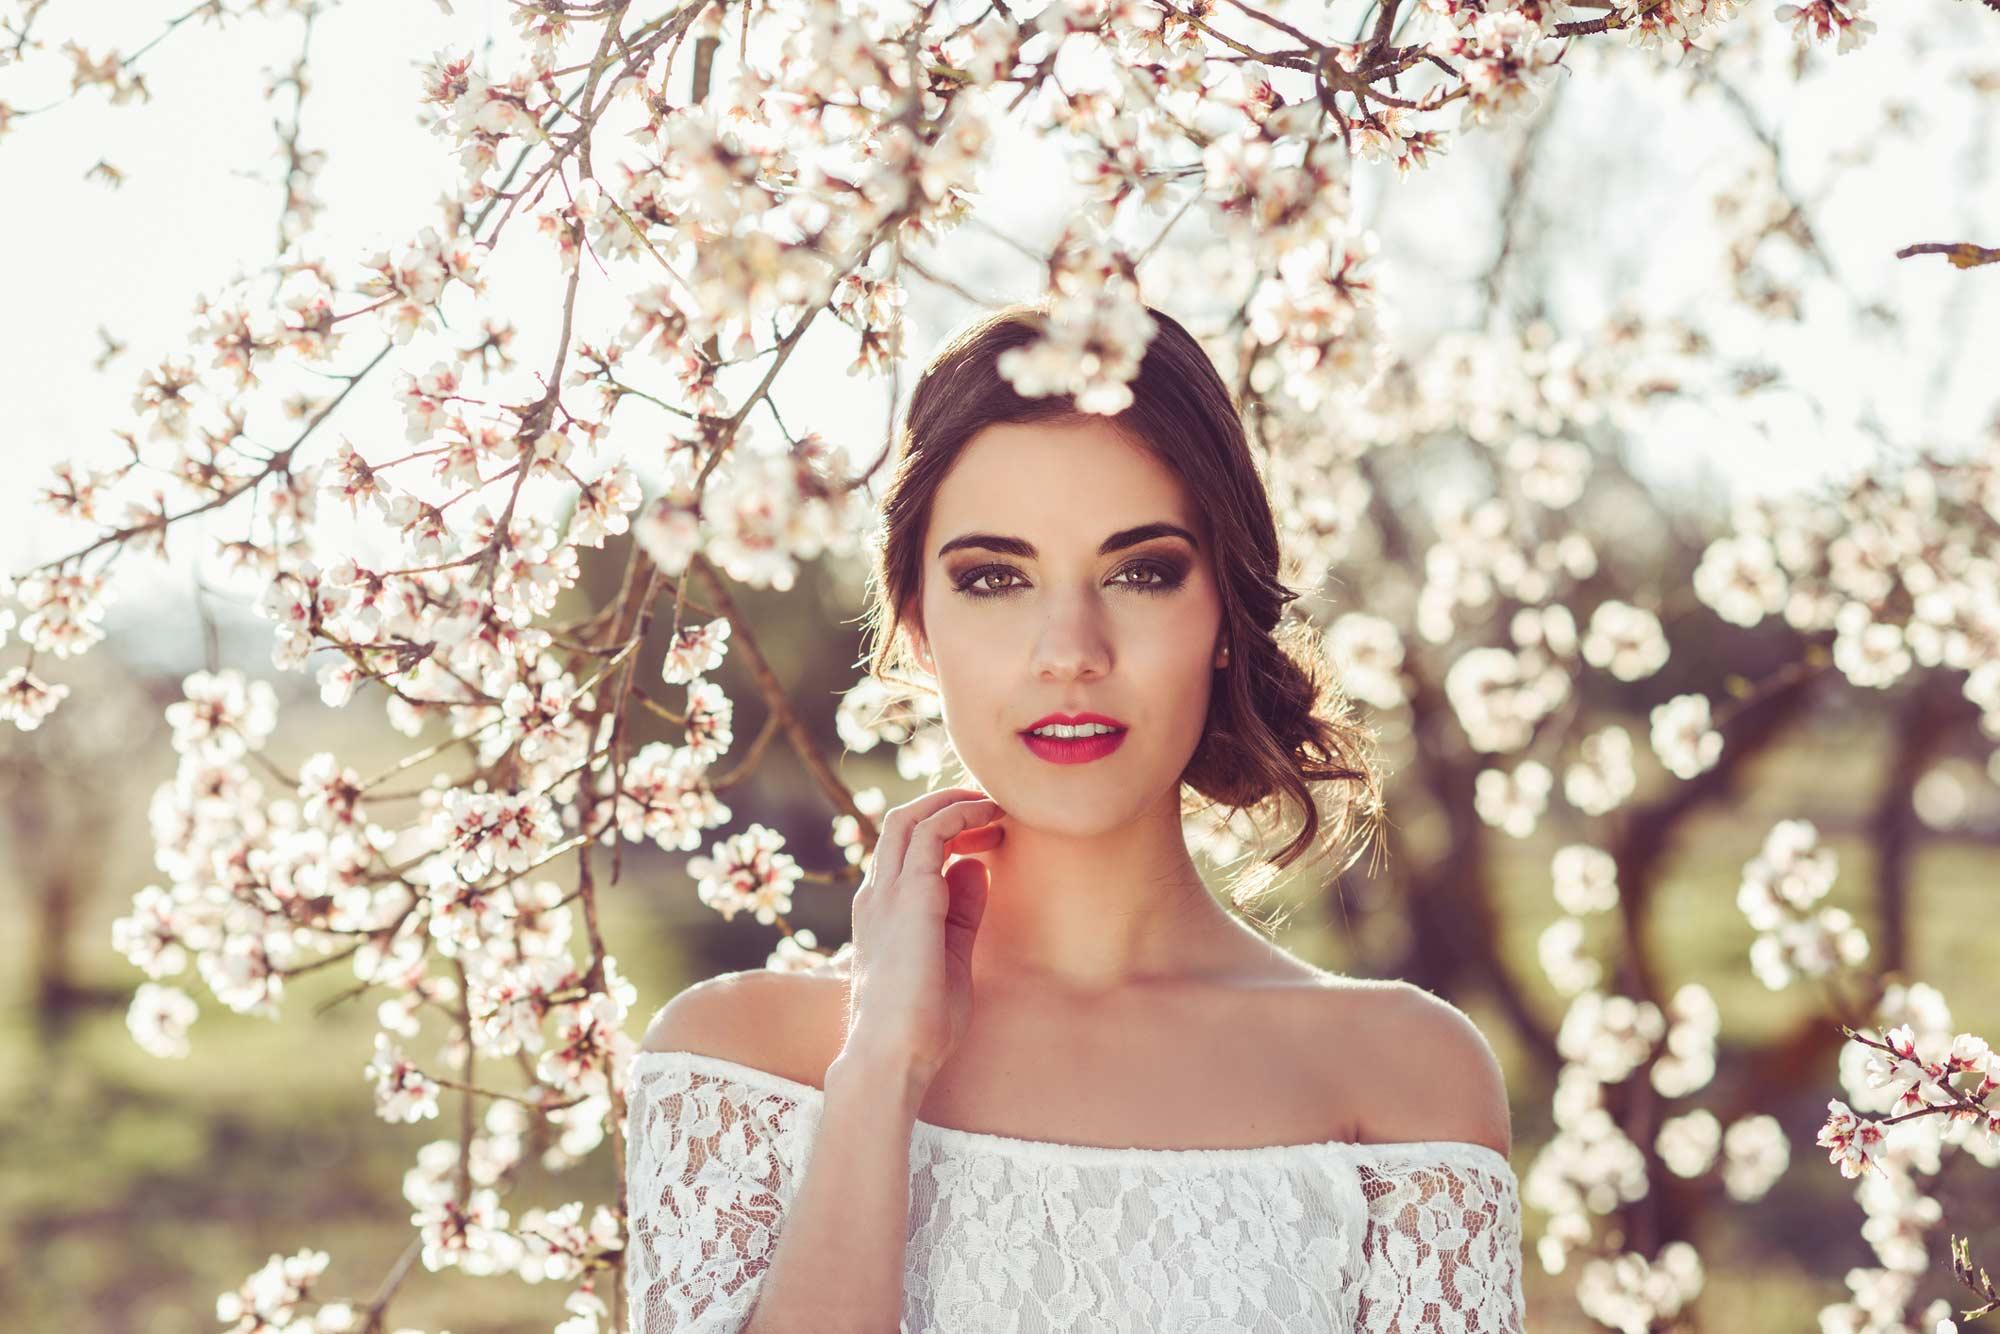 modelo com um dos penteados para afinar o rosto da noiva em um campo com flores